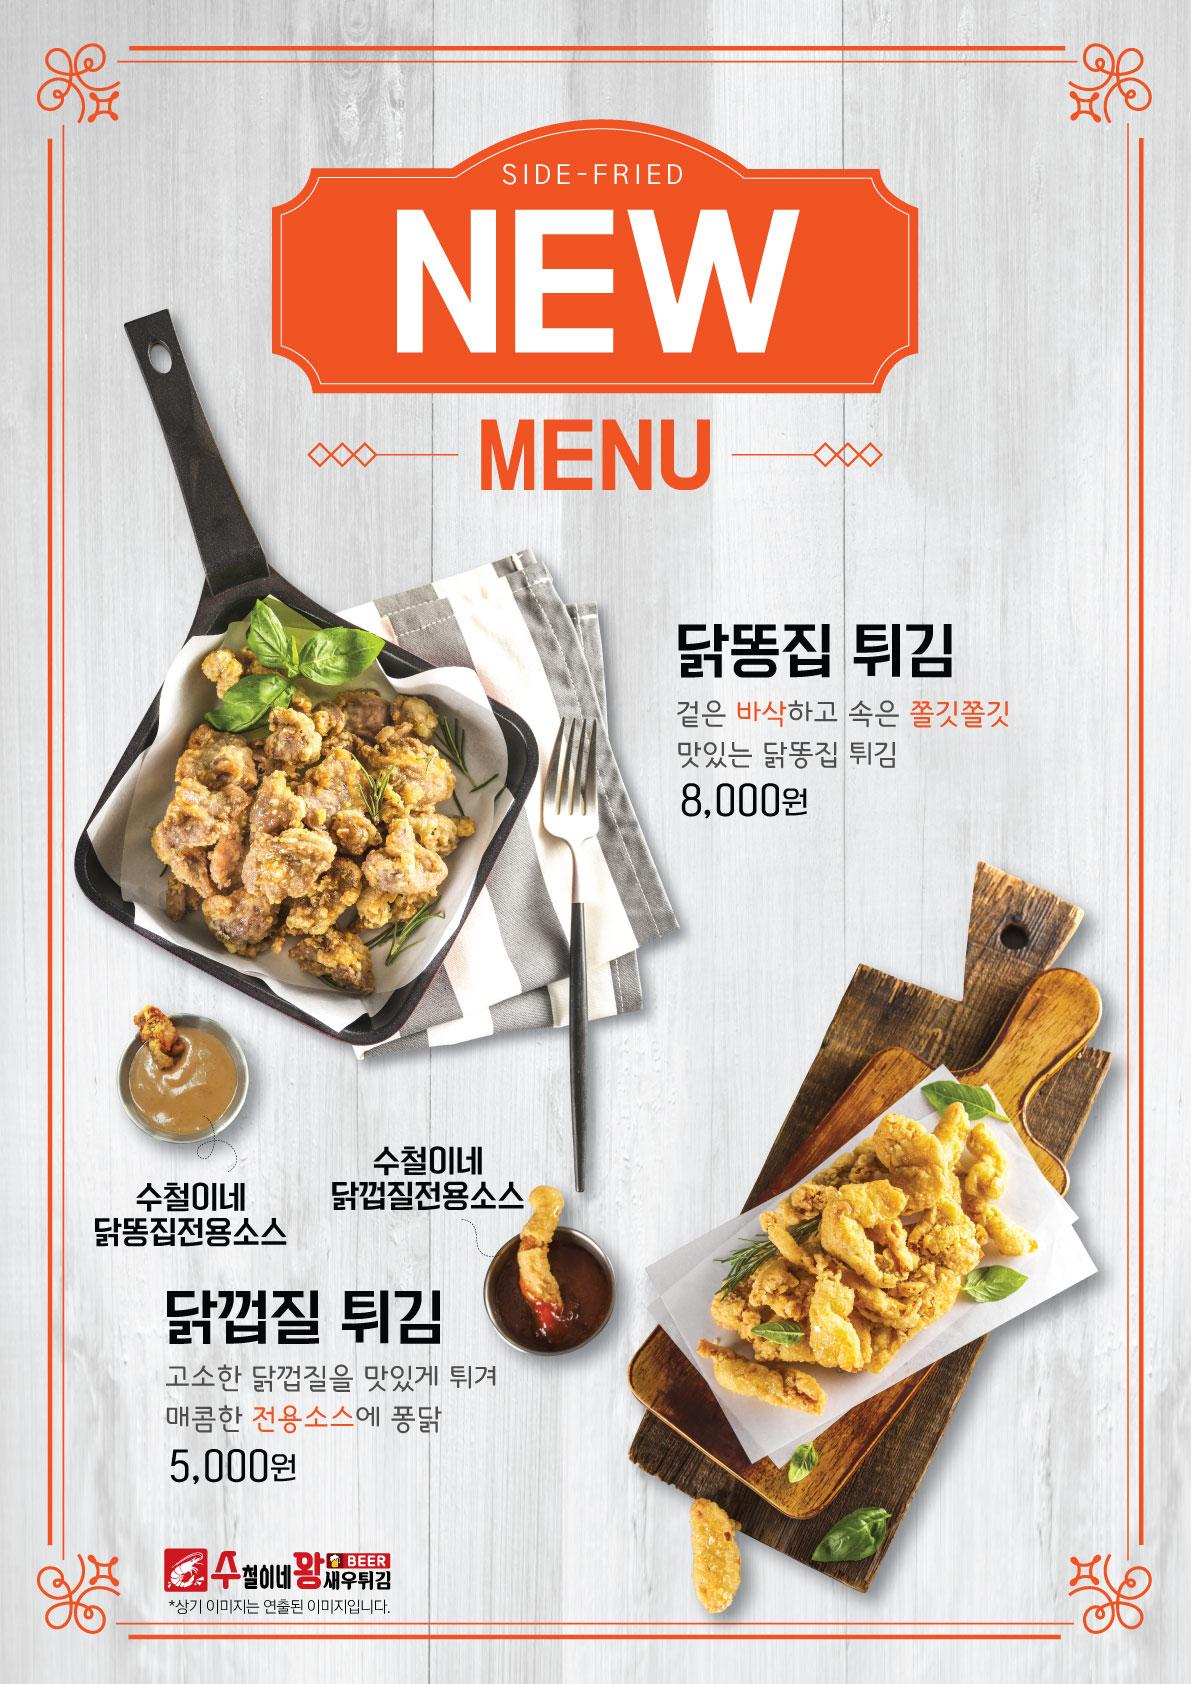 닭껍질,닭똥집 포스터 최종.jpg